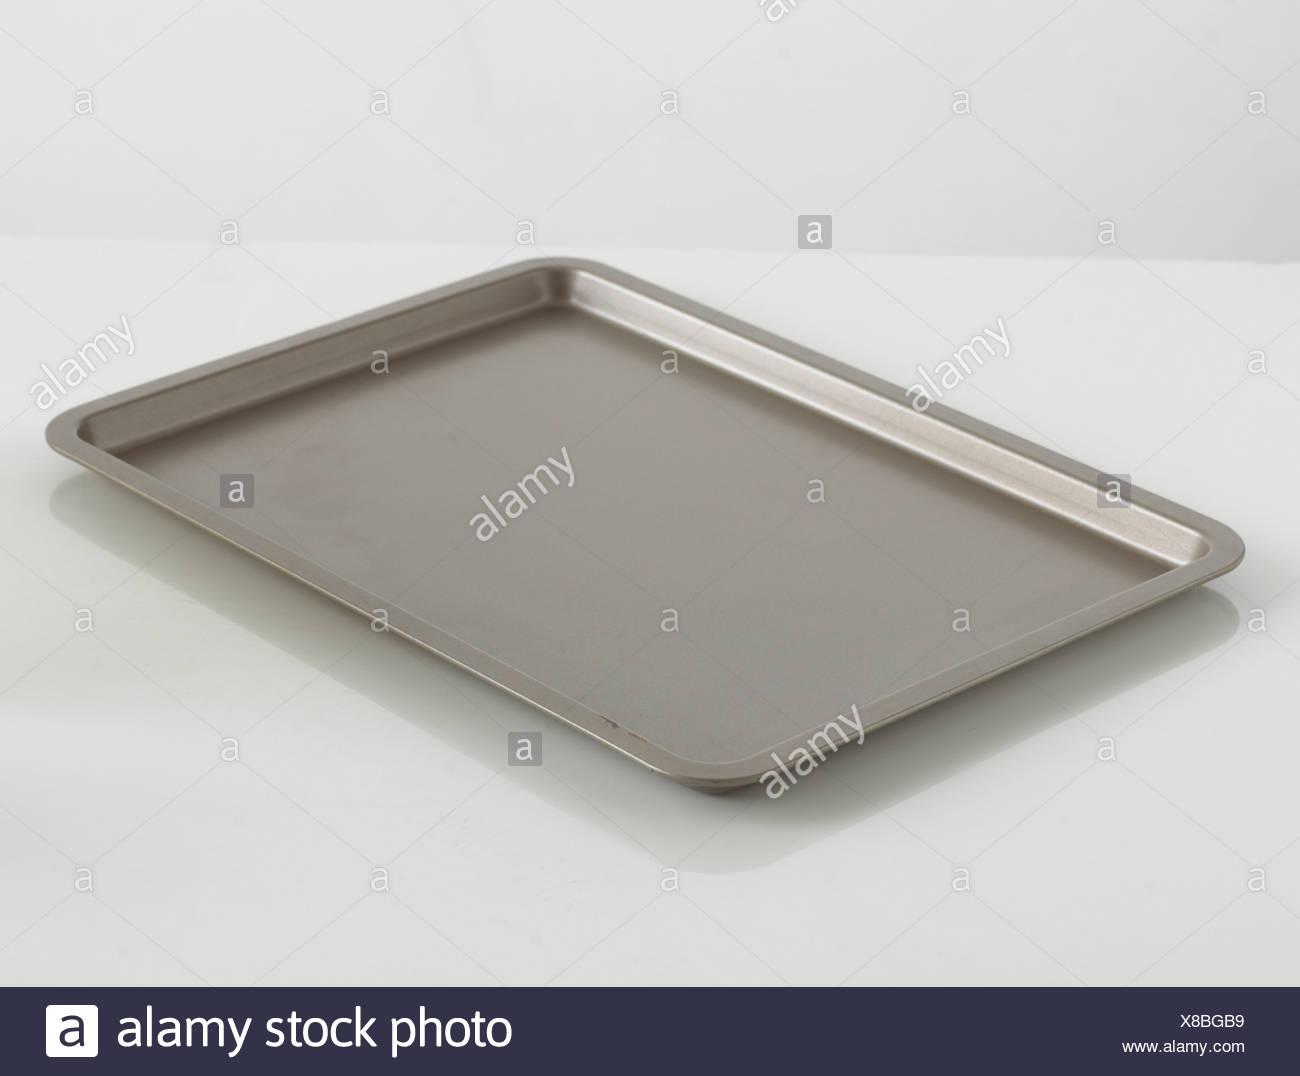 Plaque de cuisson sur fond blanc Photo Stock